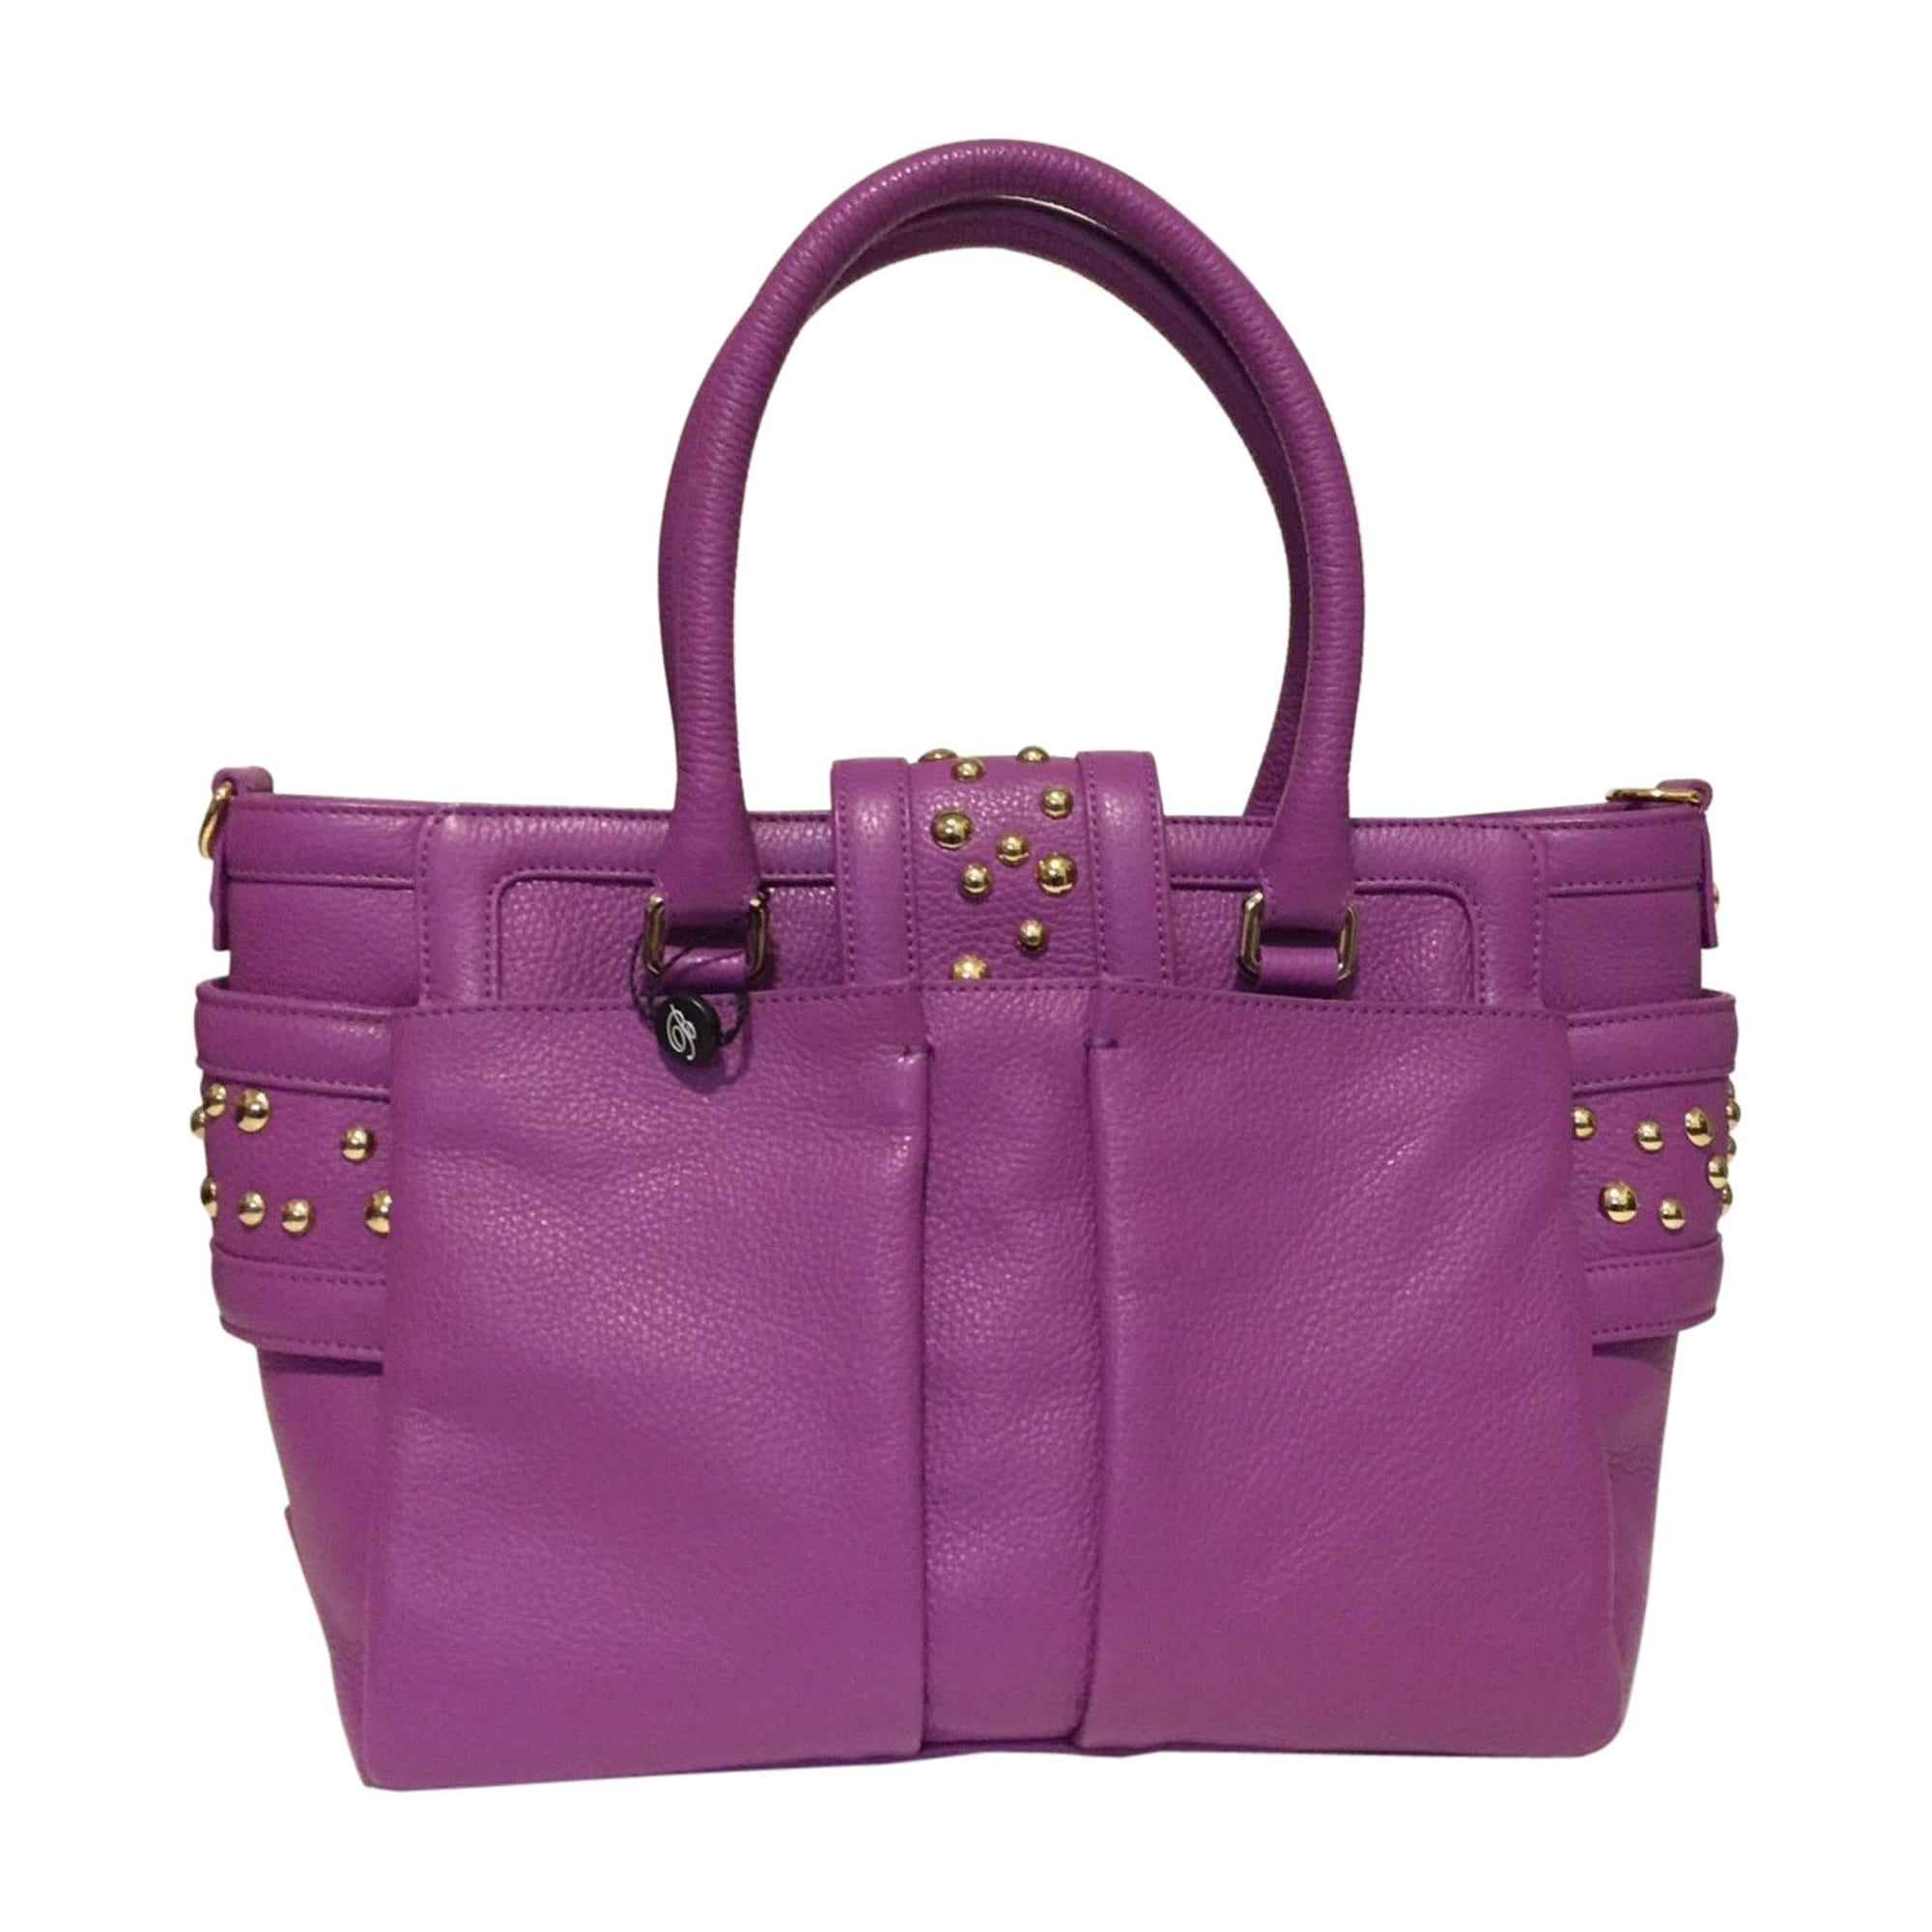 Sac à main en cuir BLUMARINE cuir violet